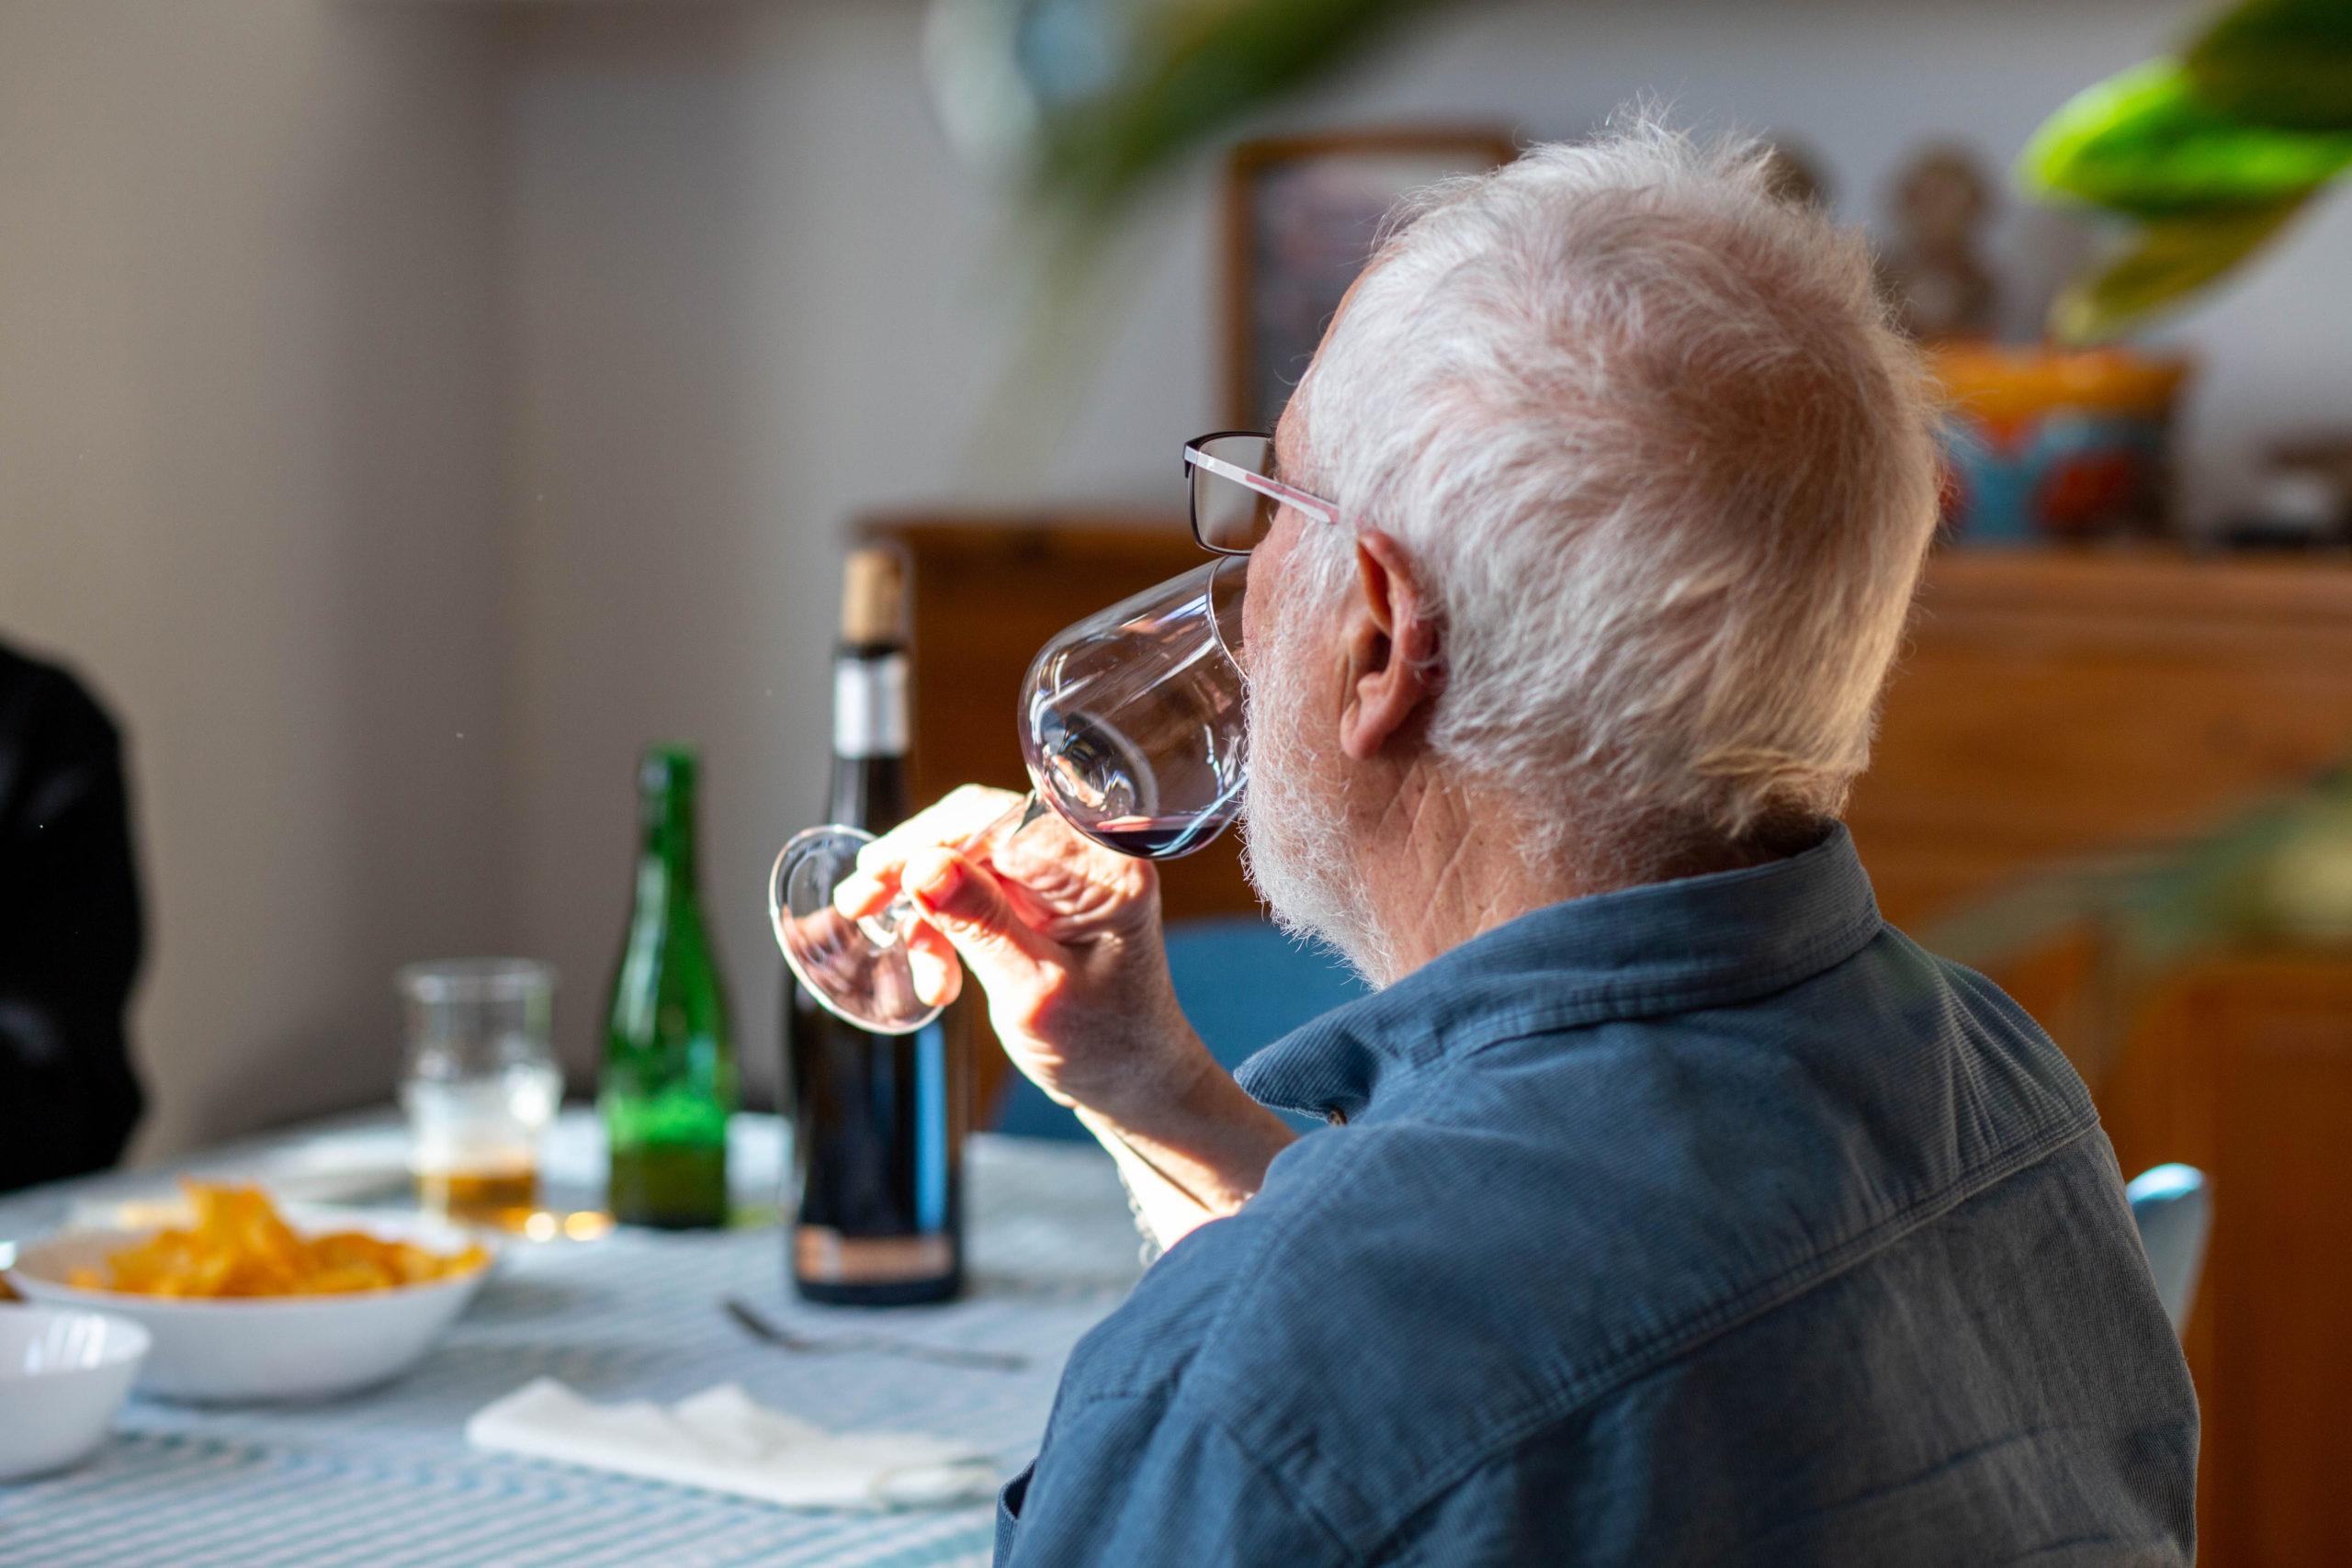 Home prenent una copa de vi en un dinar al menjador de casa